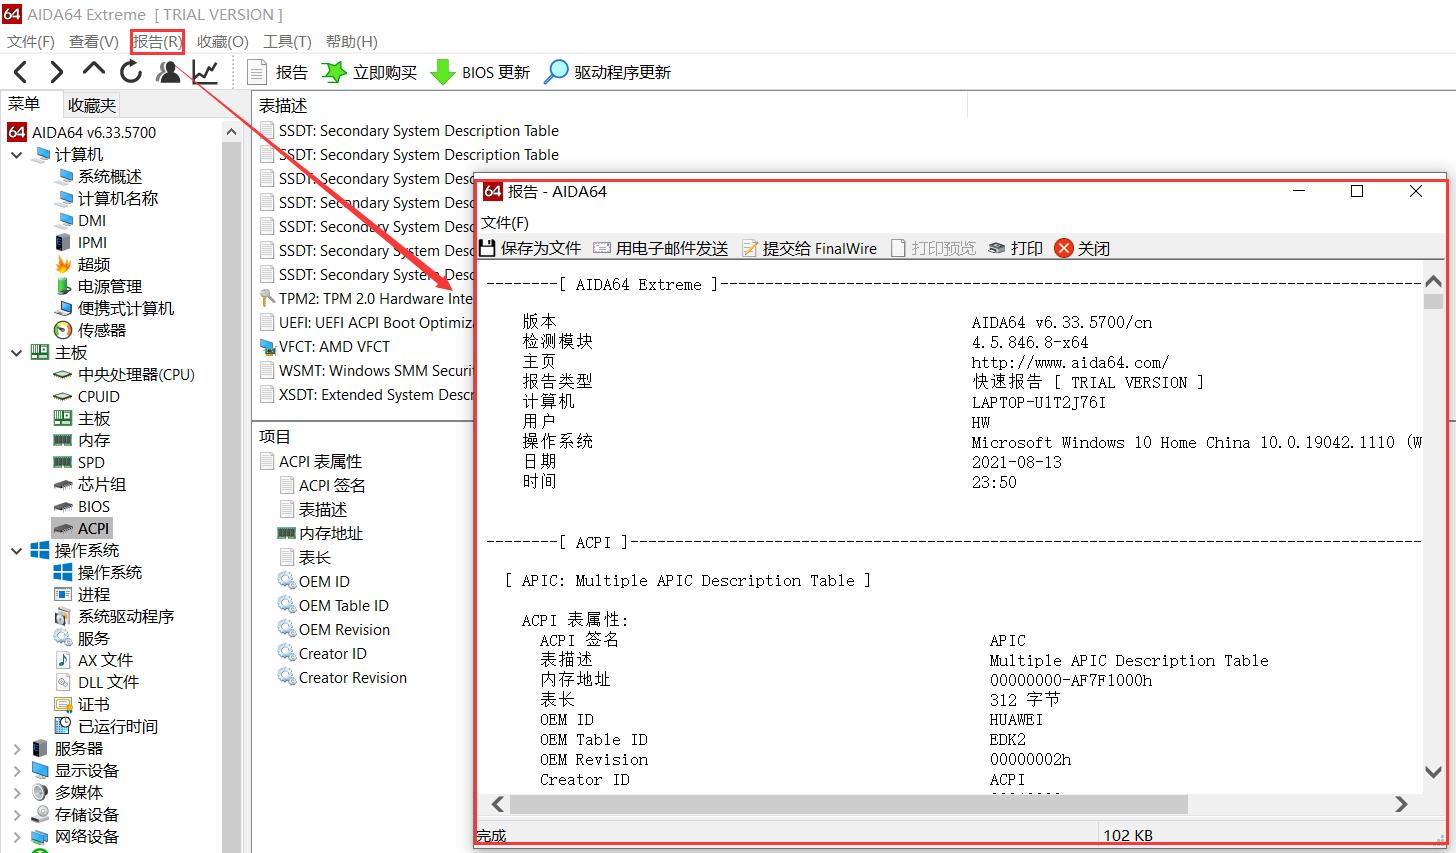 使用AIDA64查看电脑基本信息报告清单